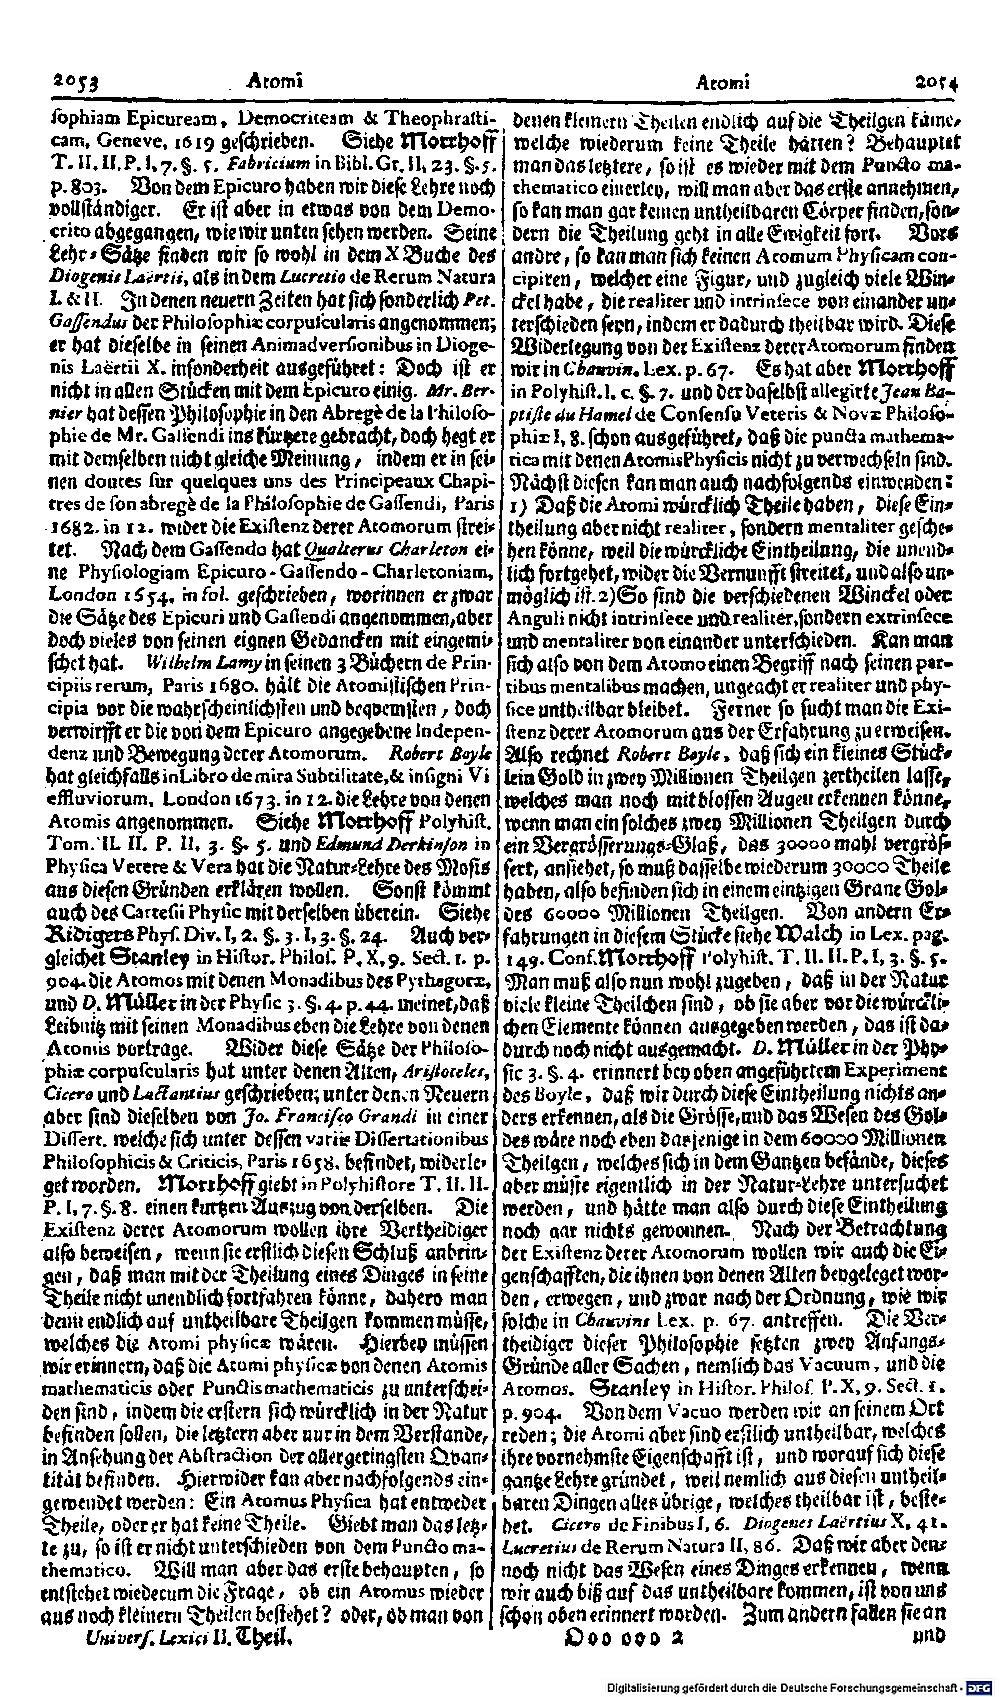 Bd. 2, Seite 1048.